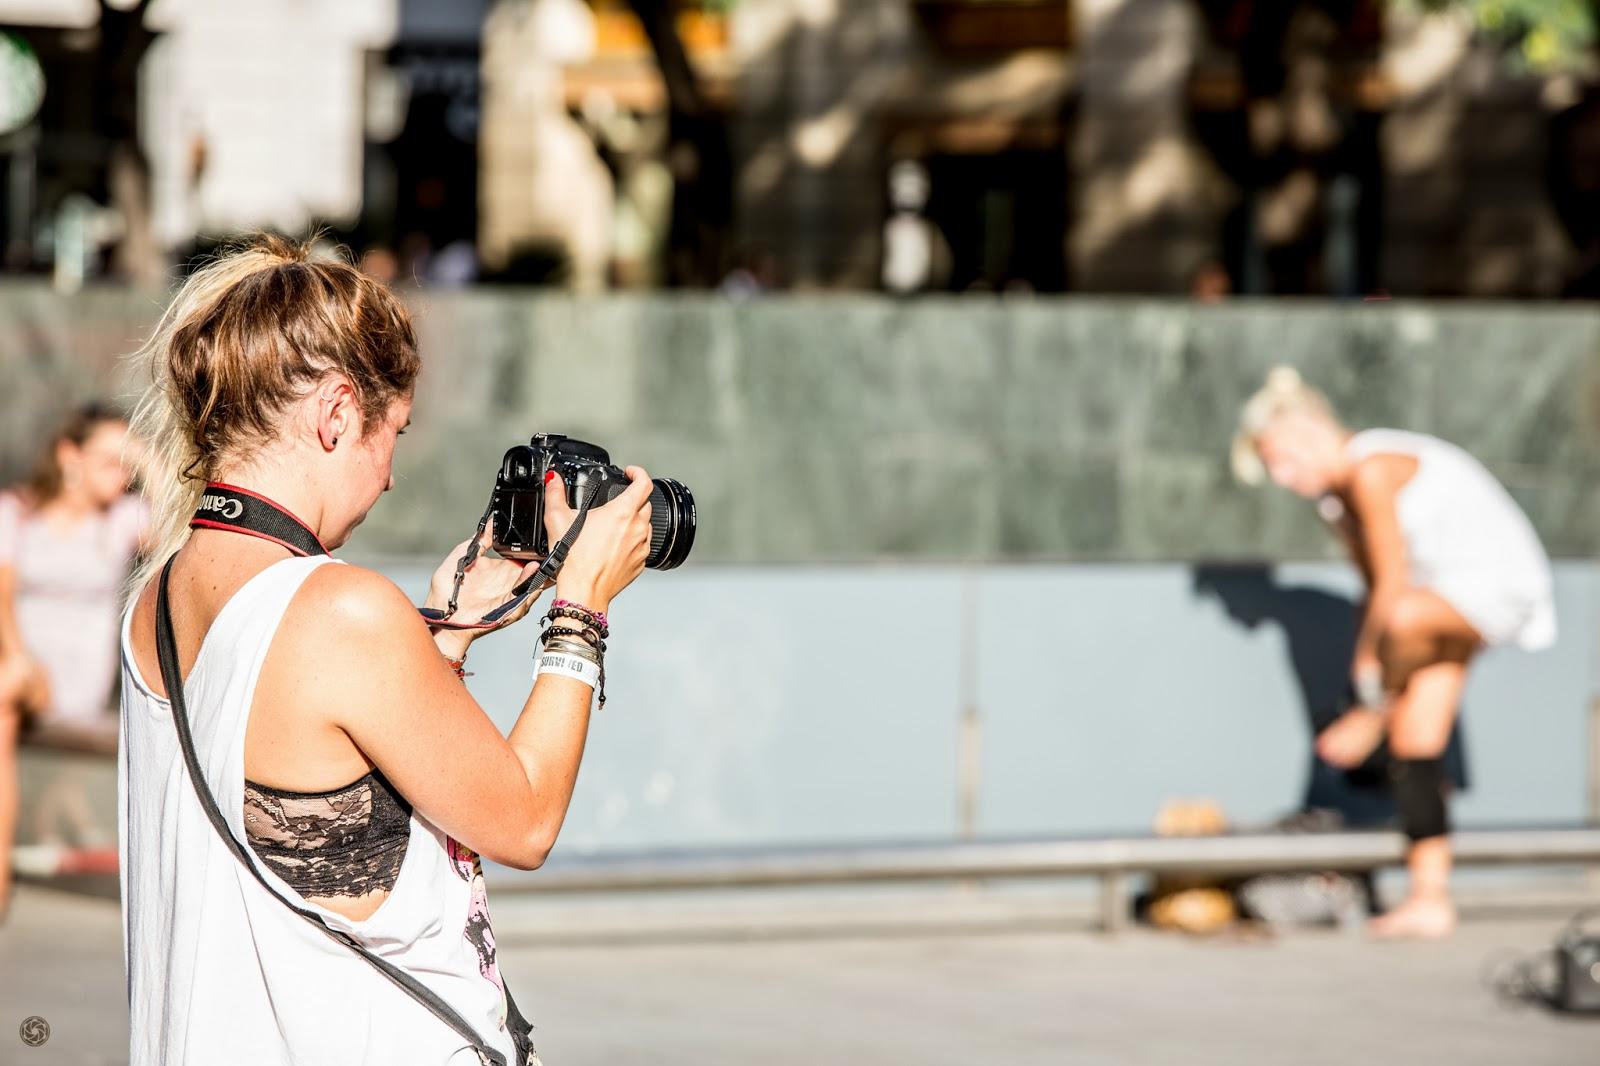 Ella se prepara ... y ya está en su objetivo :: Canon EOS 5D MkIII | ISO100 | Canon 70-200 @169mm | f/5.6 | 1/200s